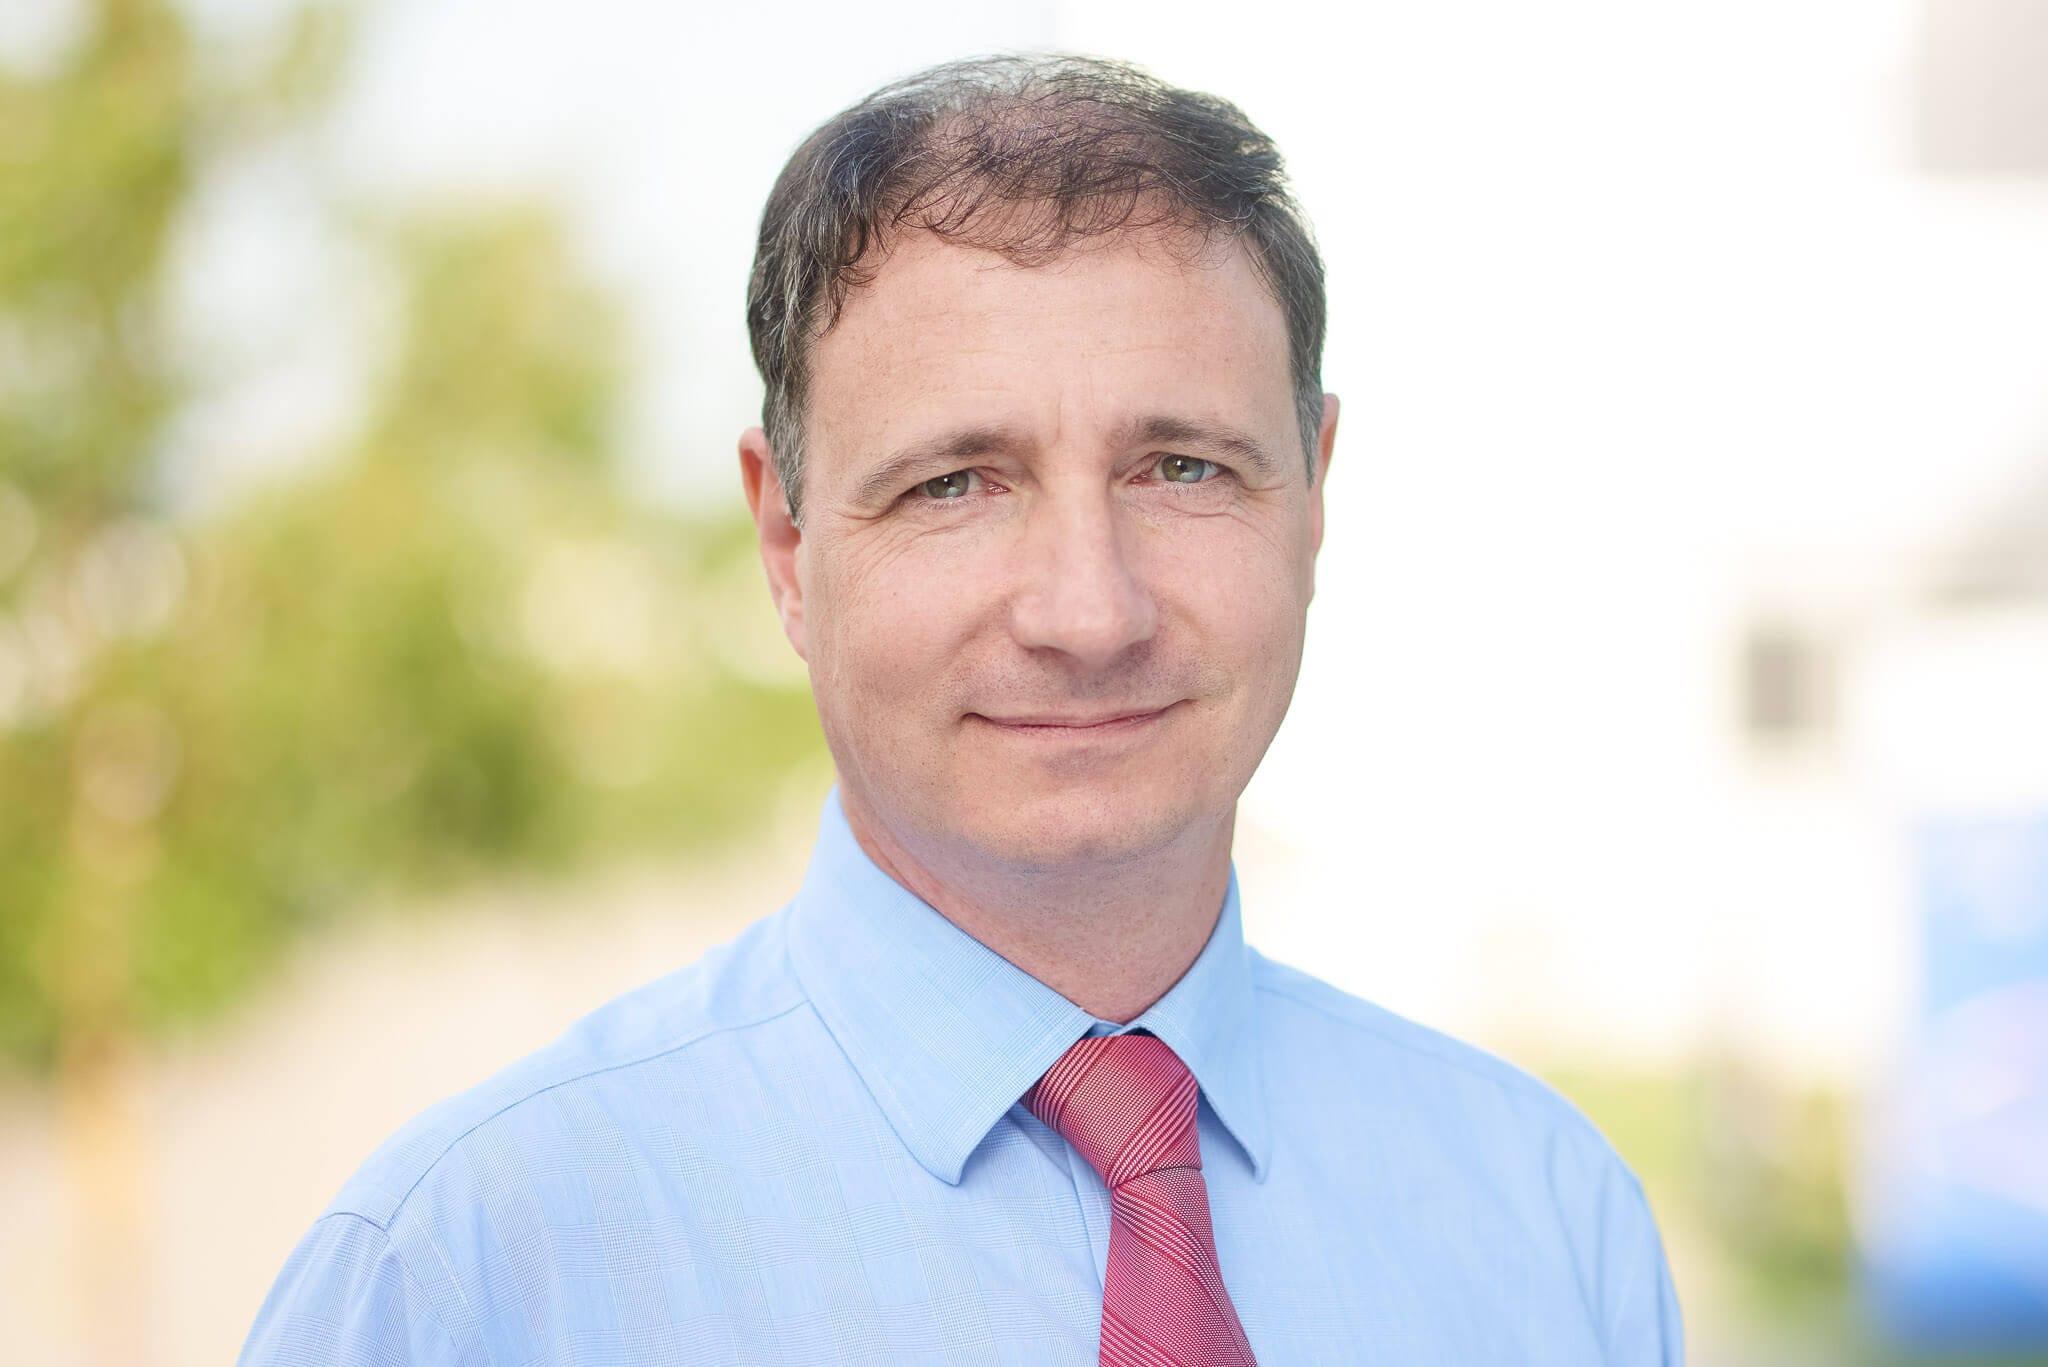 Reinhold Horlacher, PhD